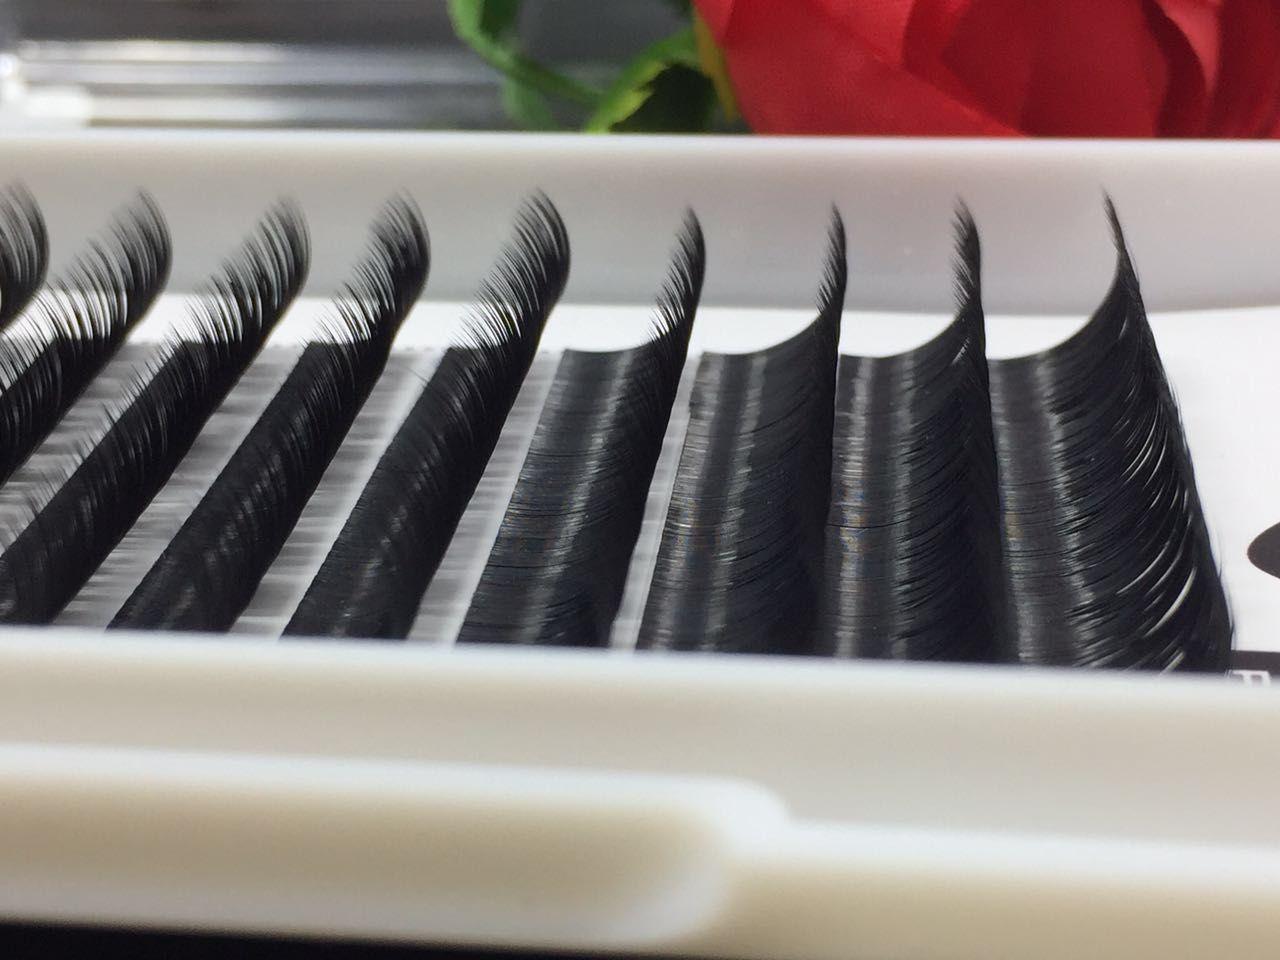 2018 Top qualité C D L Curl 0.25mm cils individuels faux cils 8-14mm longueur de mélange mix cils coréens faux cils de vison